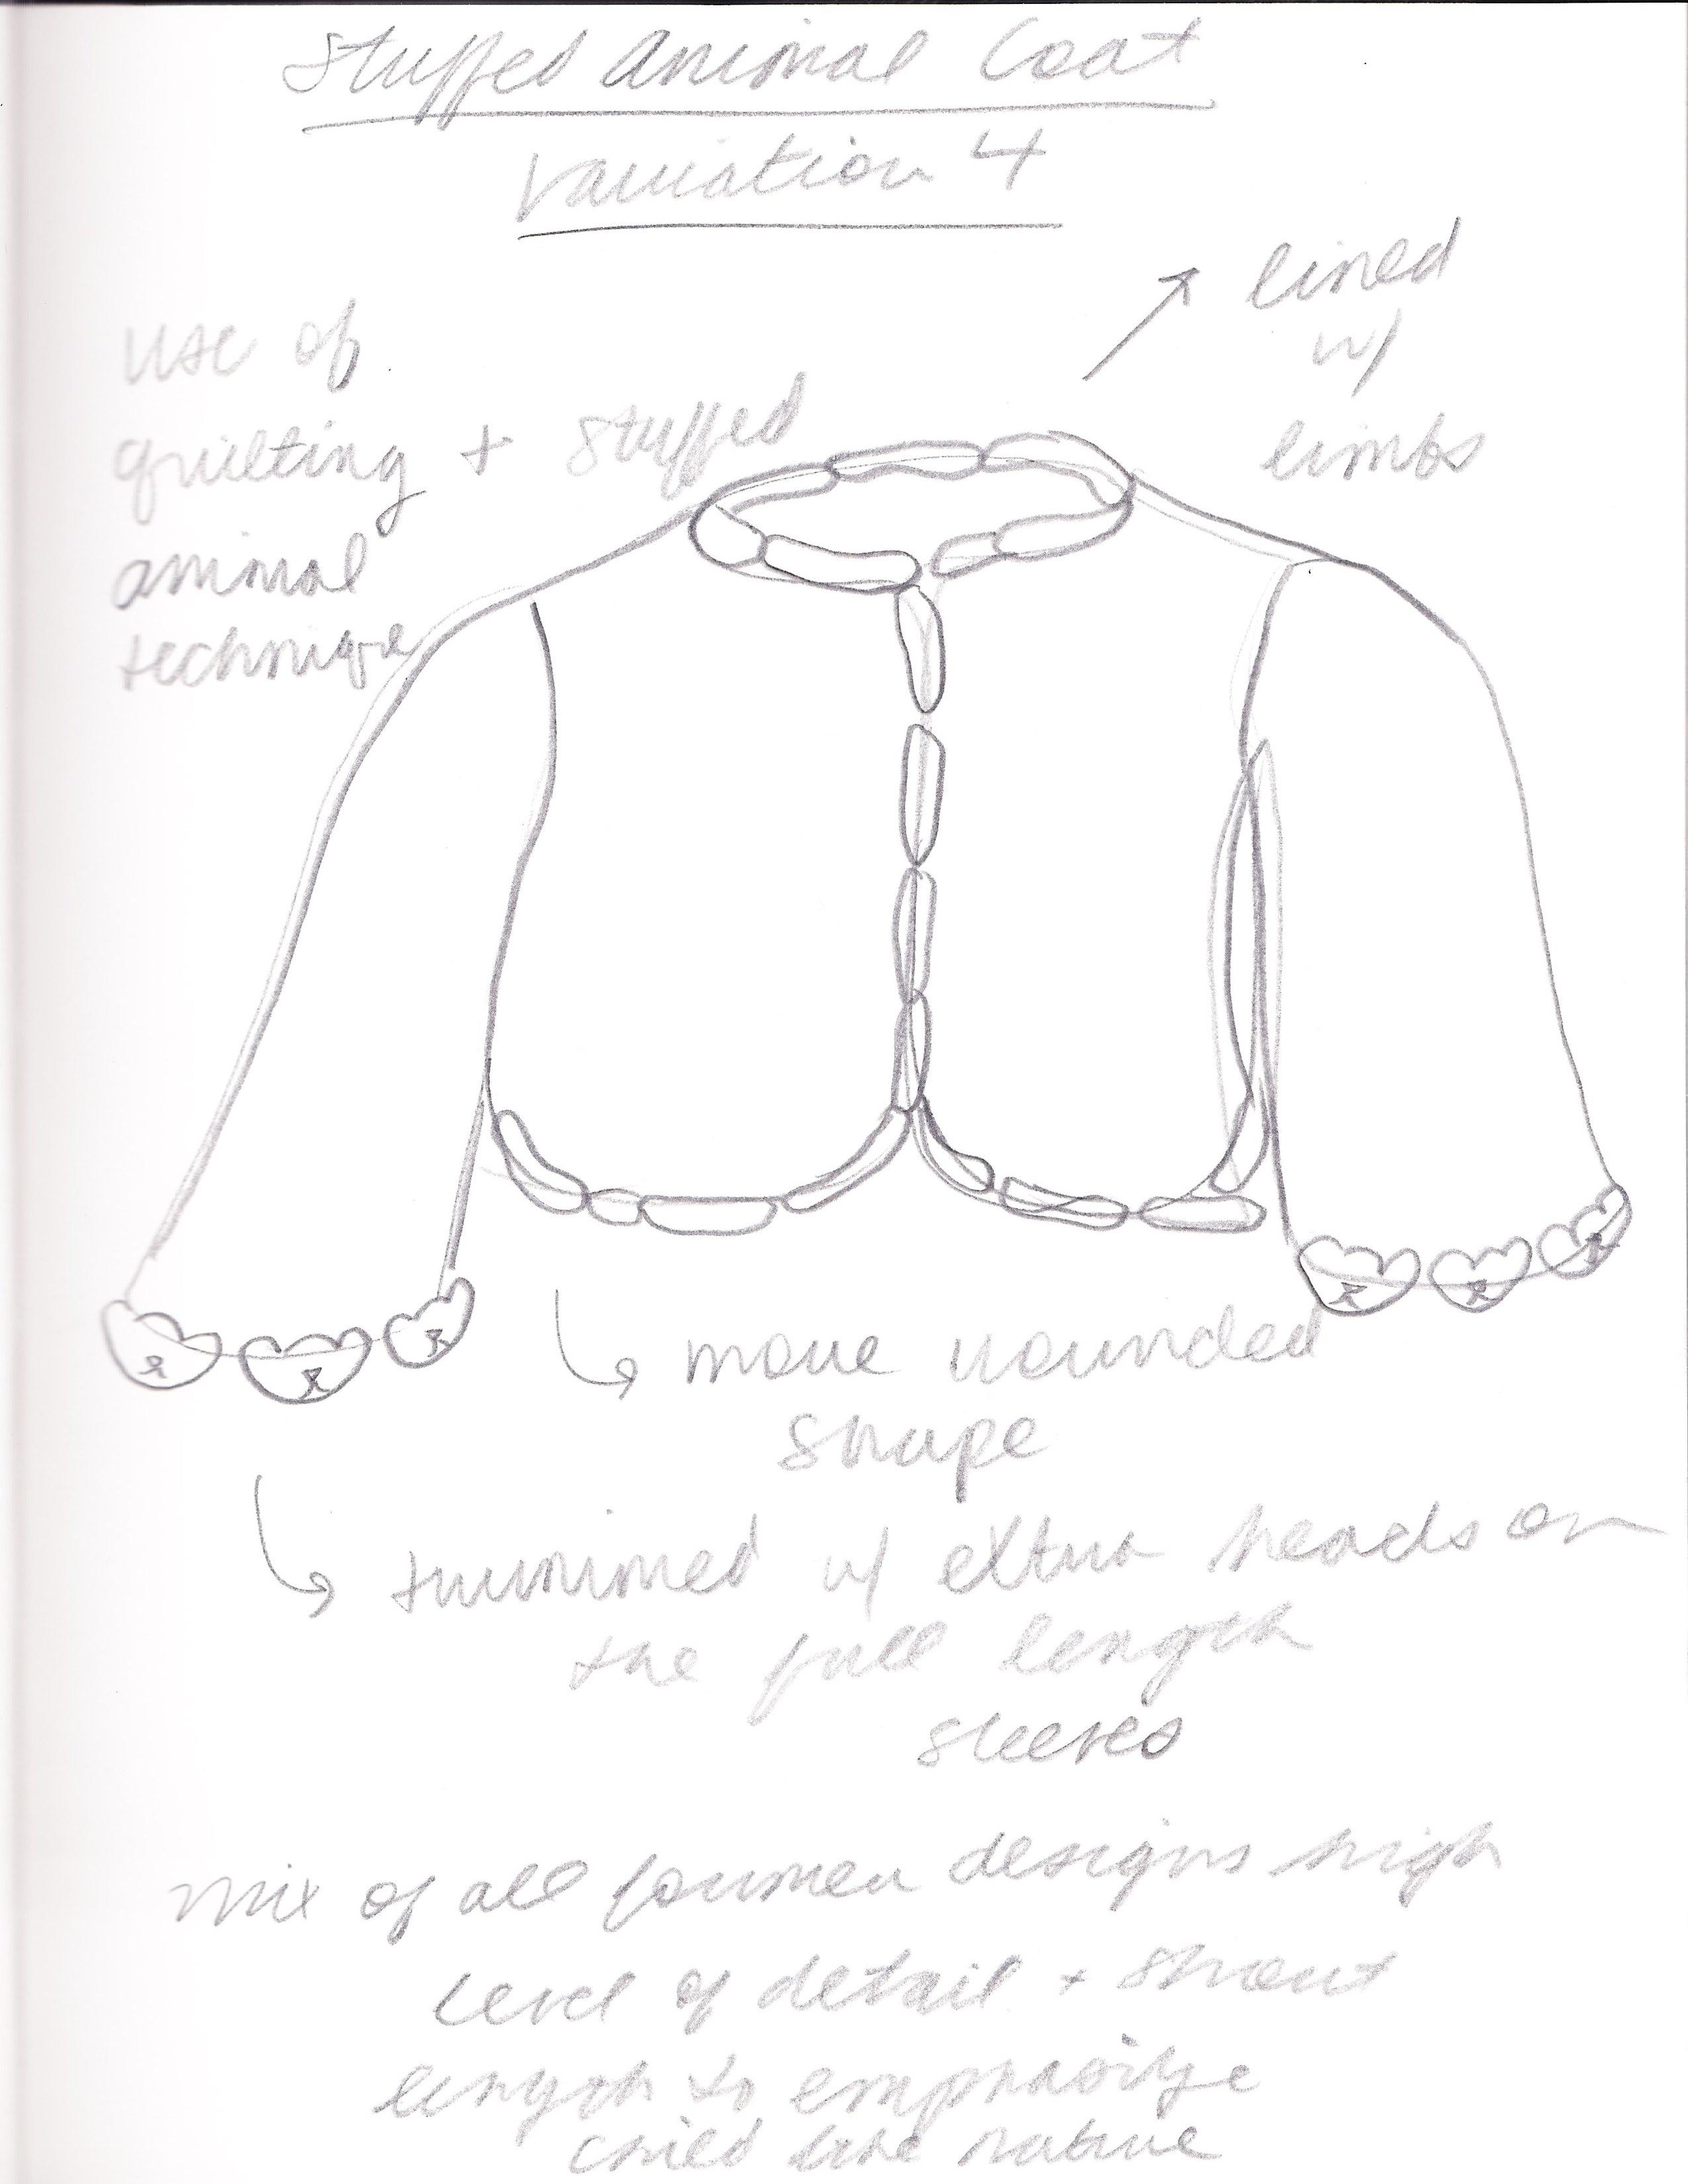 Stuffed Animal Jacket Sketches